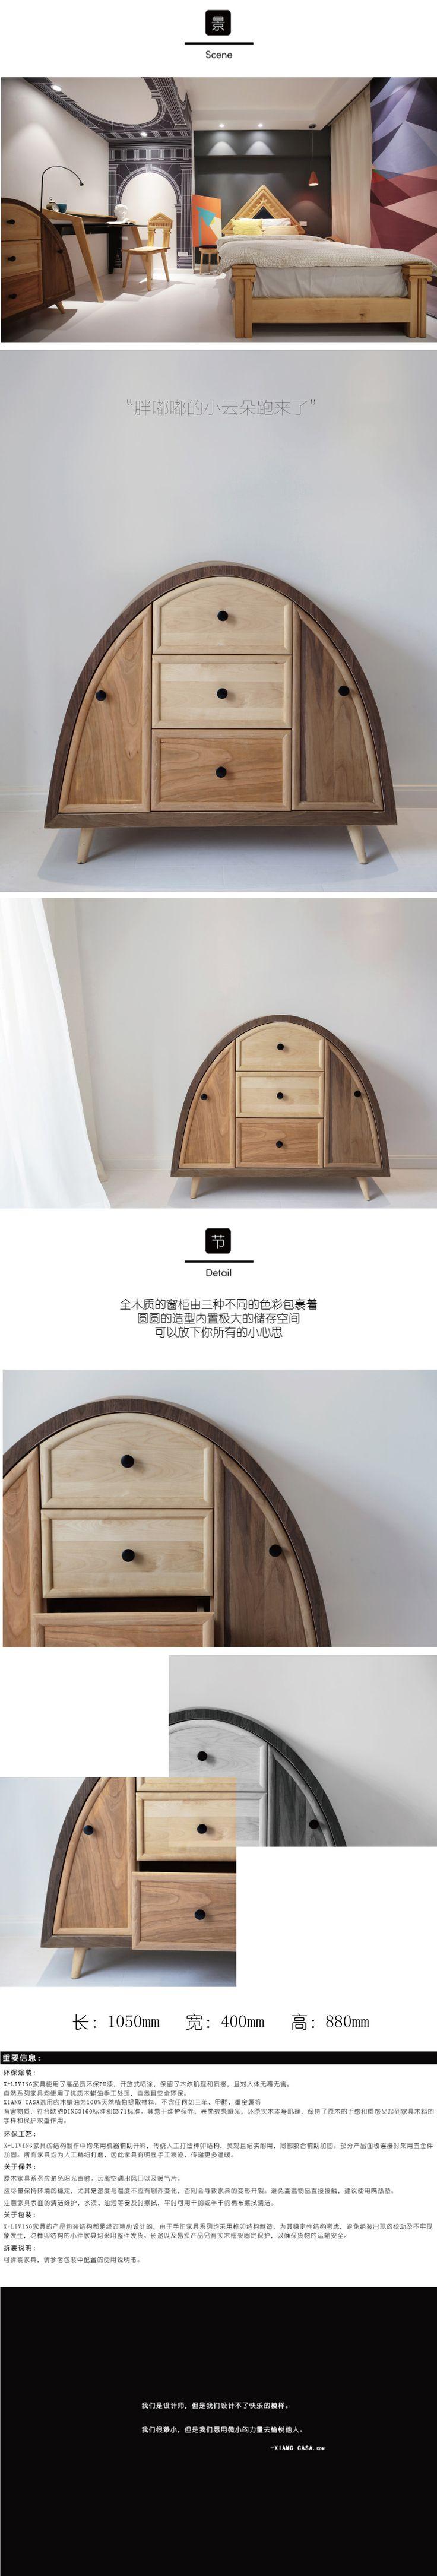 xiangCASA модели оригинальные дизайнерские цветущей березы кабинет Тумба Nordic IKEA творческой весело ручной работы - Taobao